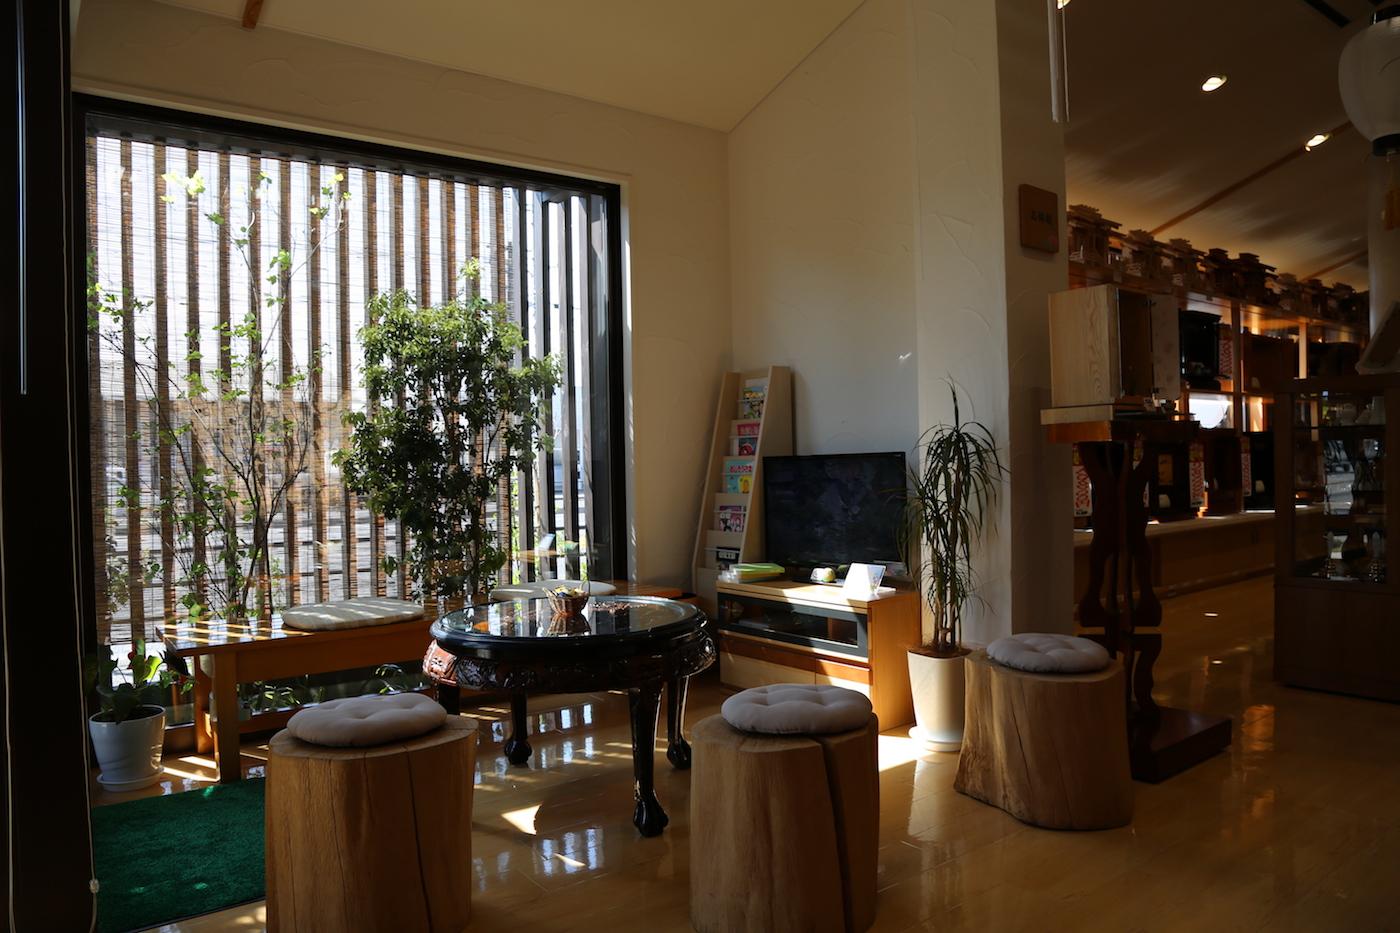 ふくば 福島 仏壇 写真ギャラリー画像20